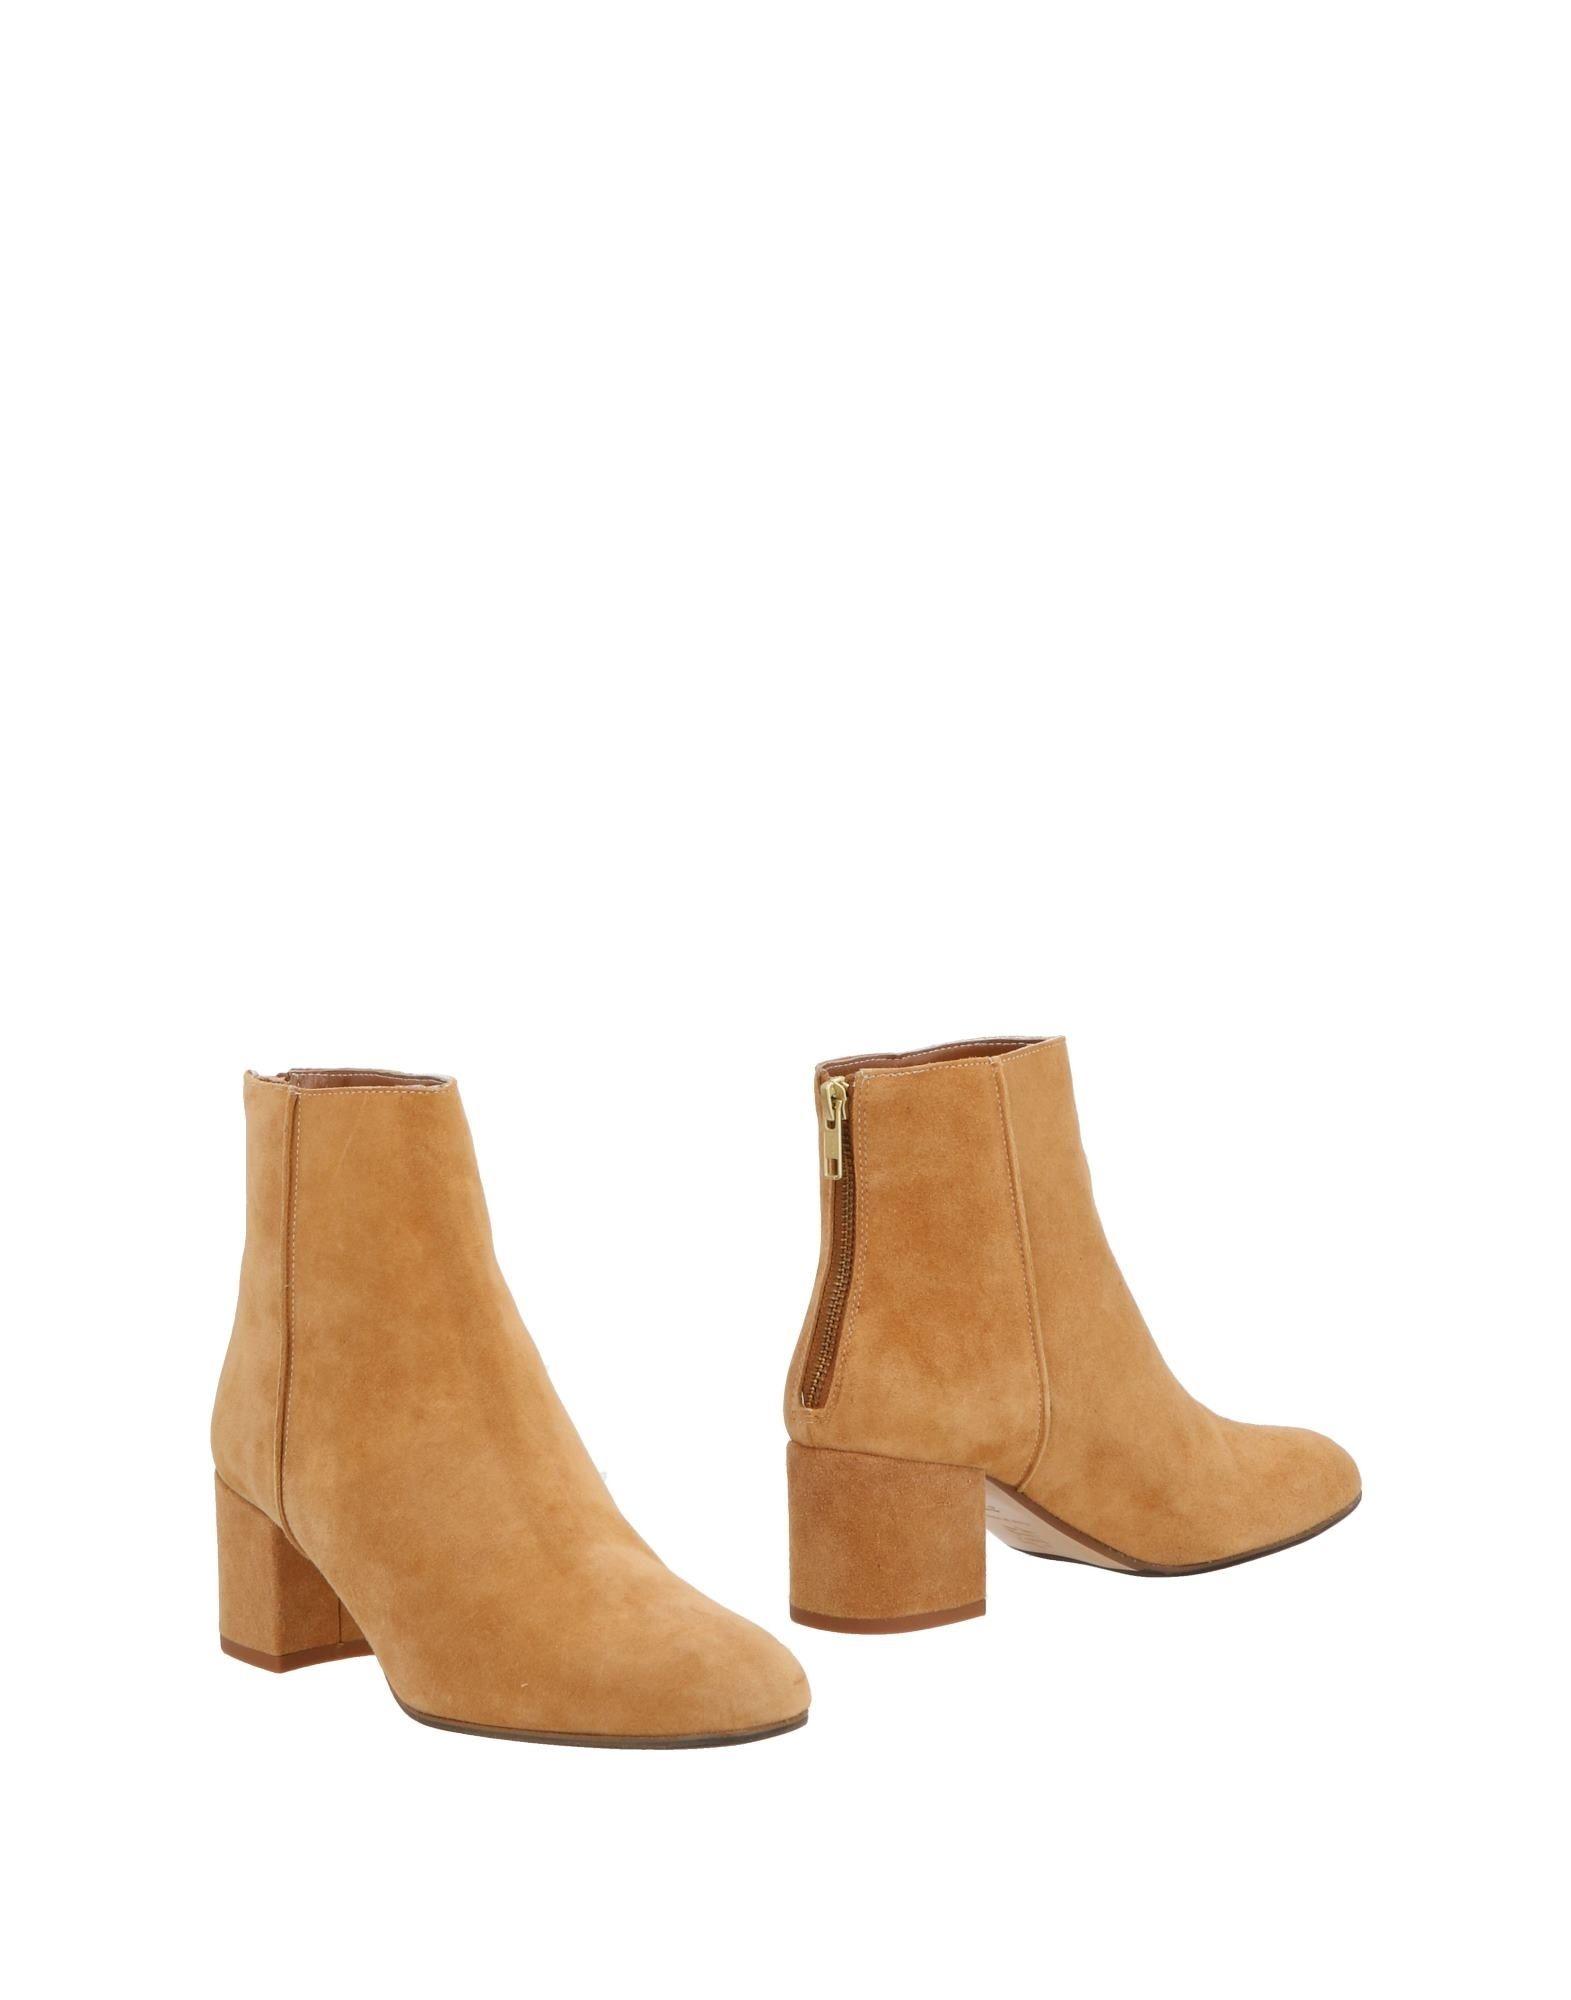 Atp Atelier Stiefelette Damen  11493127THGut aussehende strapazierfähige Schuhe